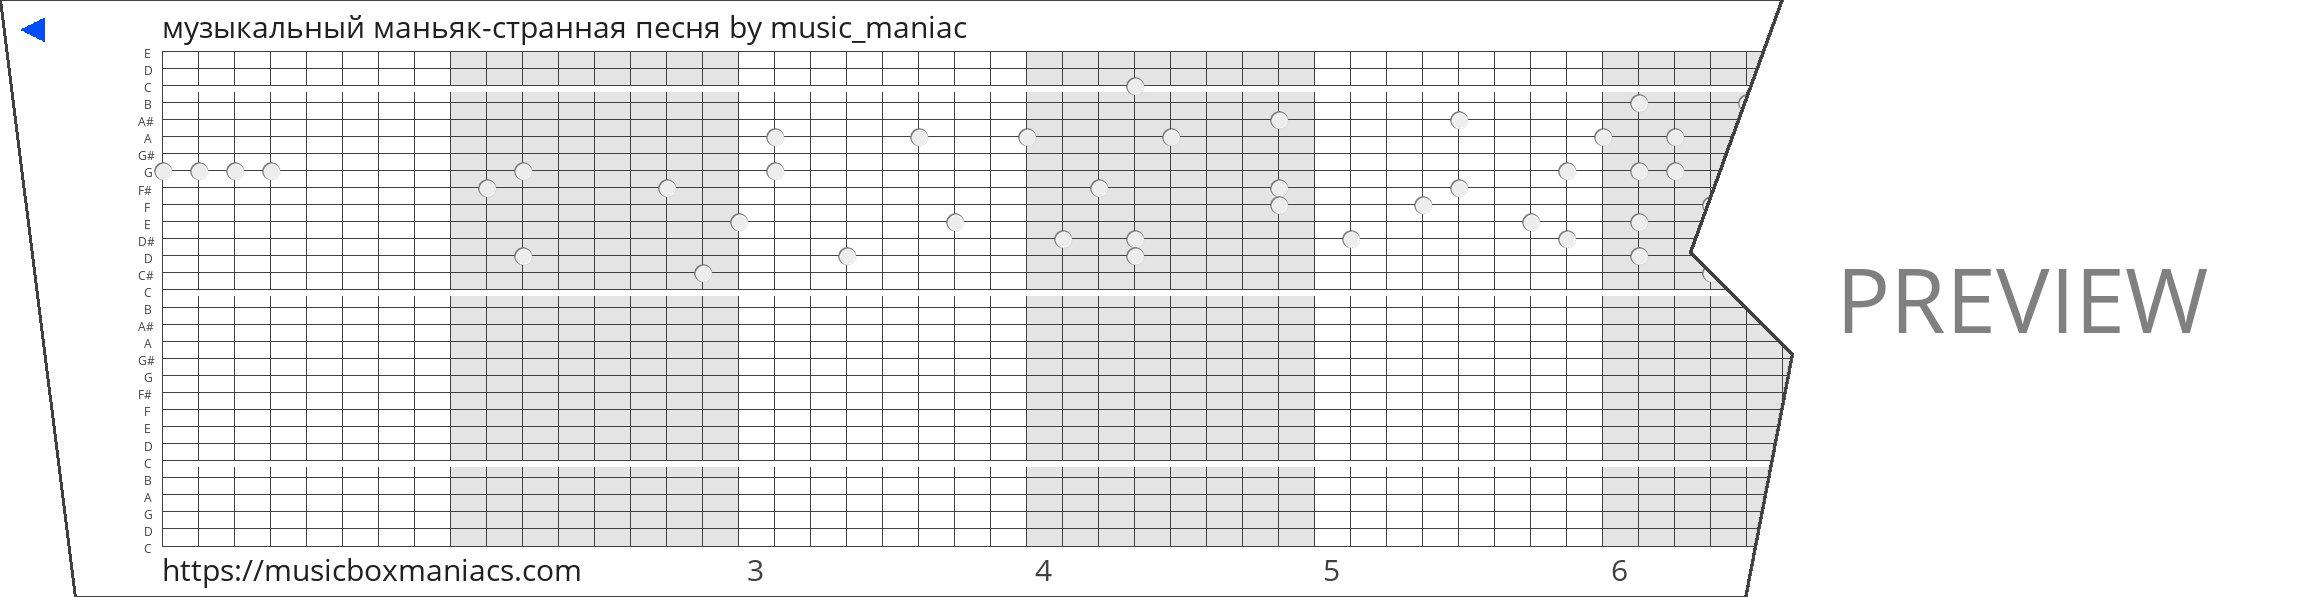 музыкальный маньяк-странная песня 30 note music box paper strip